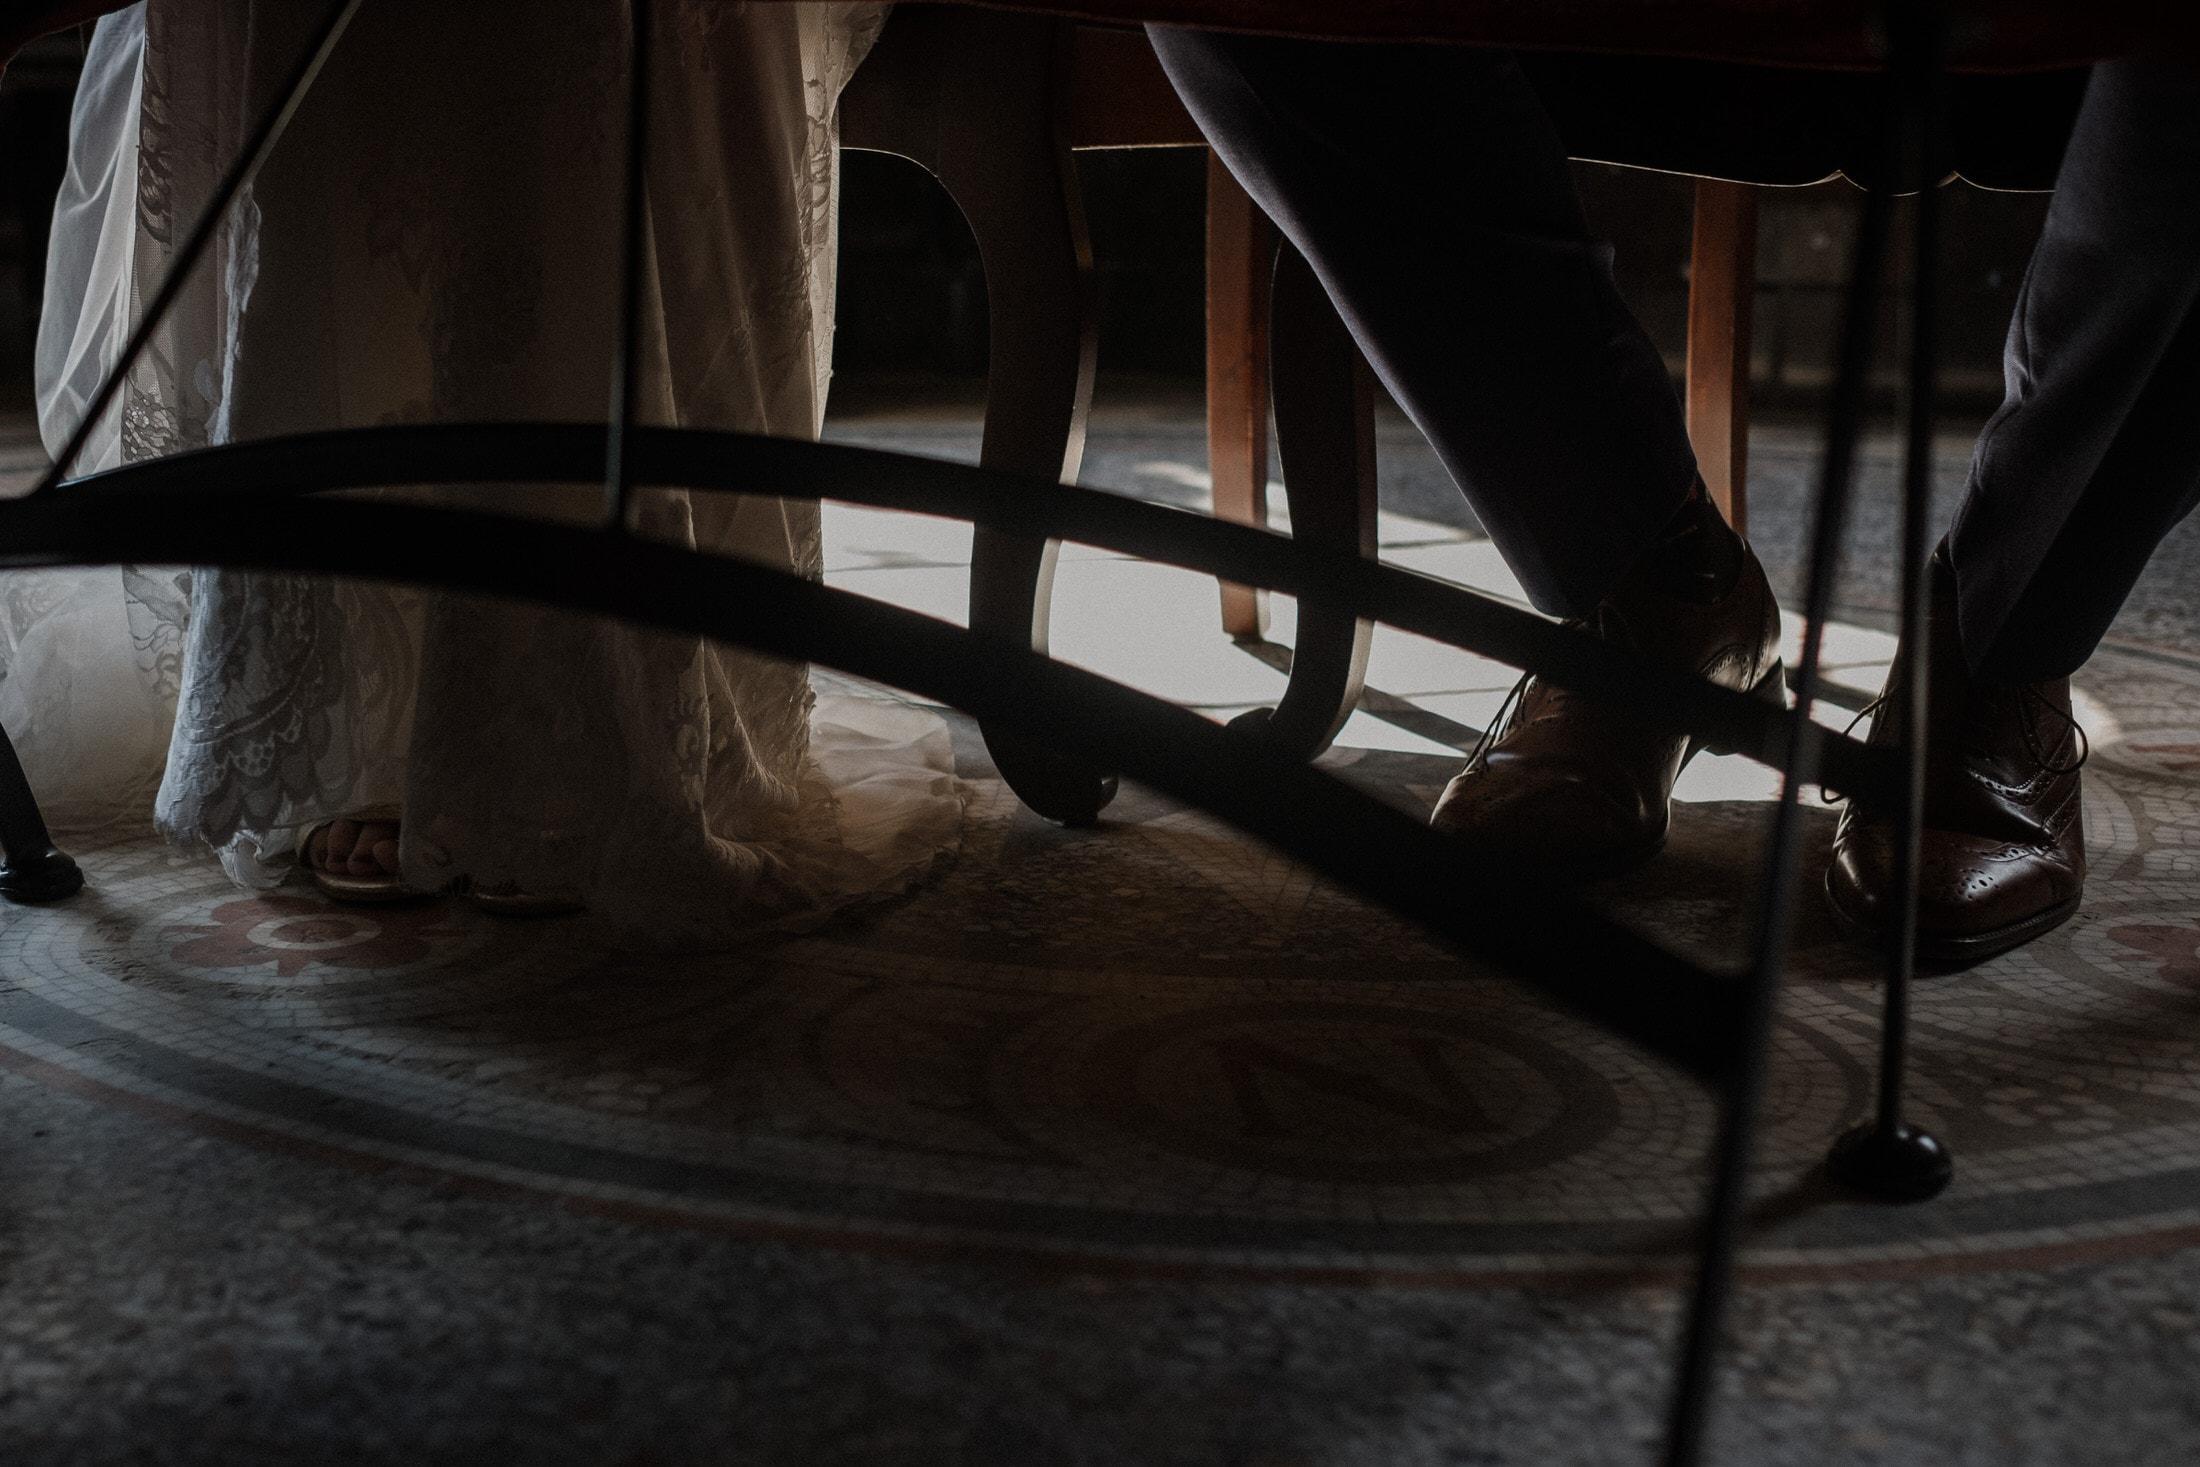 Hochzeitsfotografie Kiel- standesamtliche Trauung Leuchtturm- Detailaufnahme Schuhe